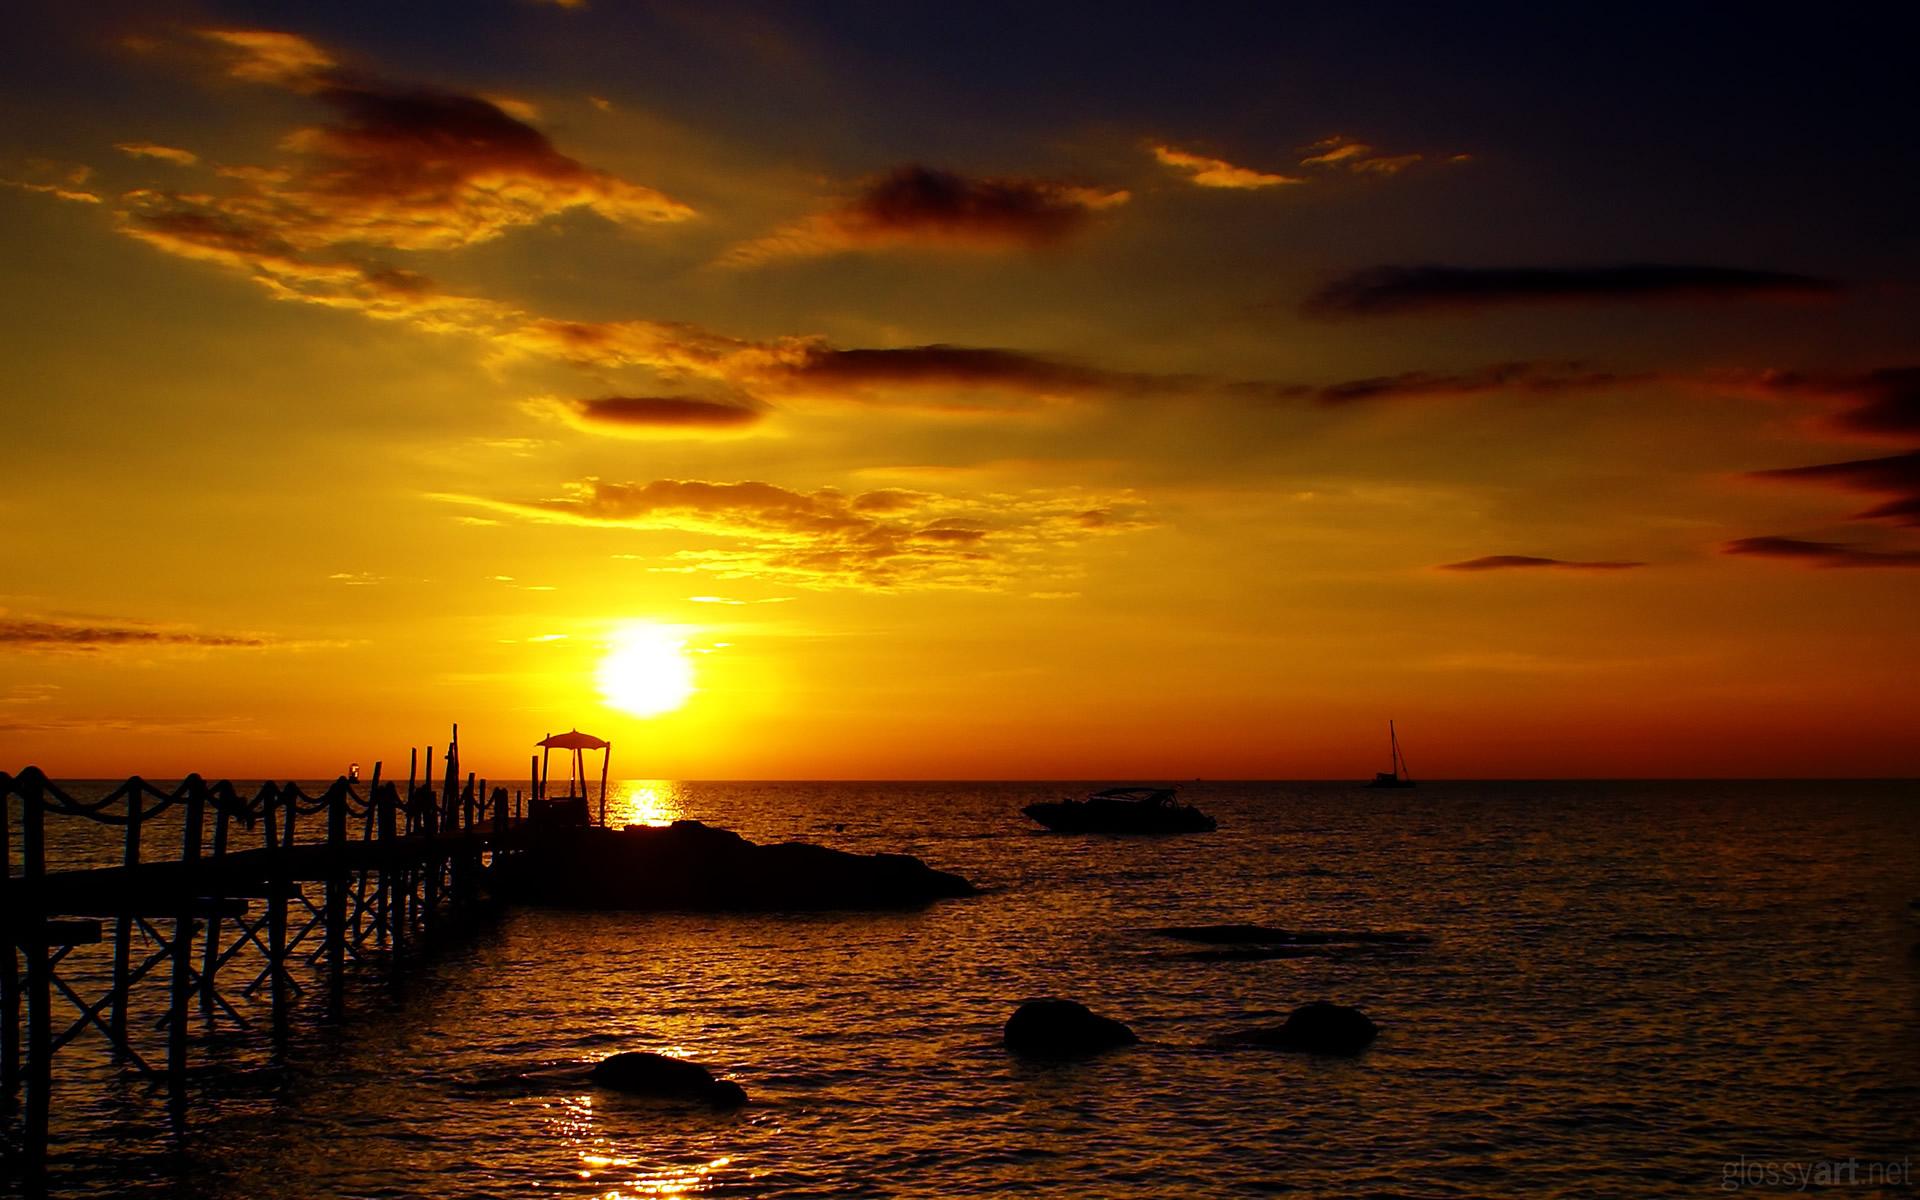 Golden Sunset HD Wallpaper | Theme Bin - Customization, HD Wallpapers ...